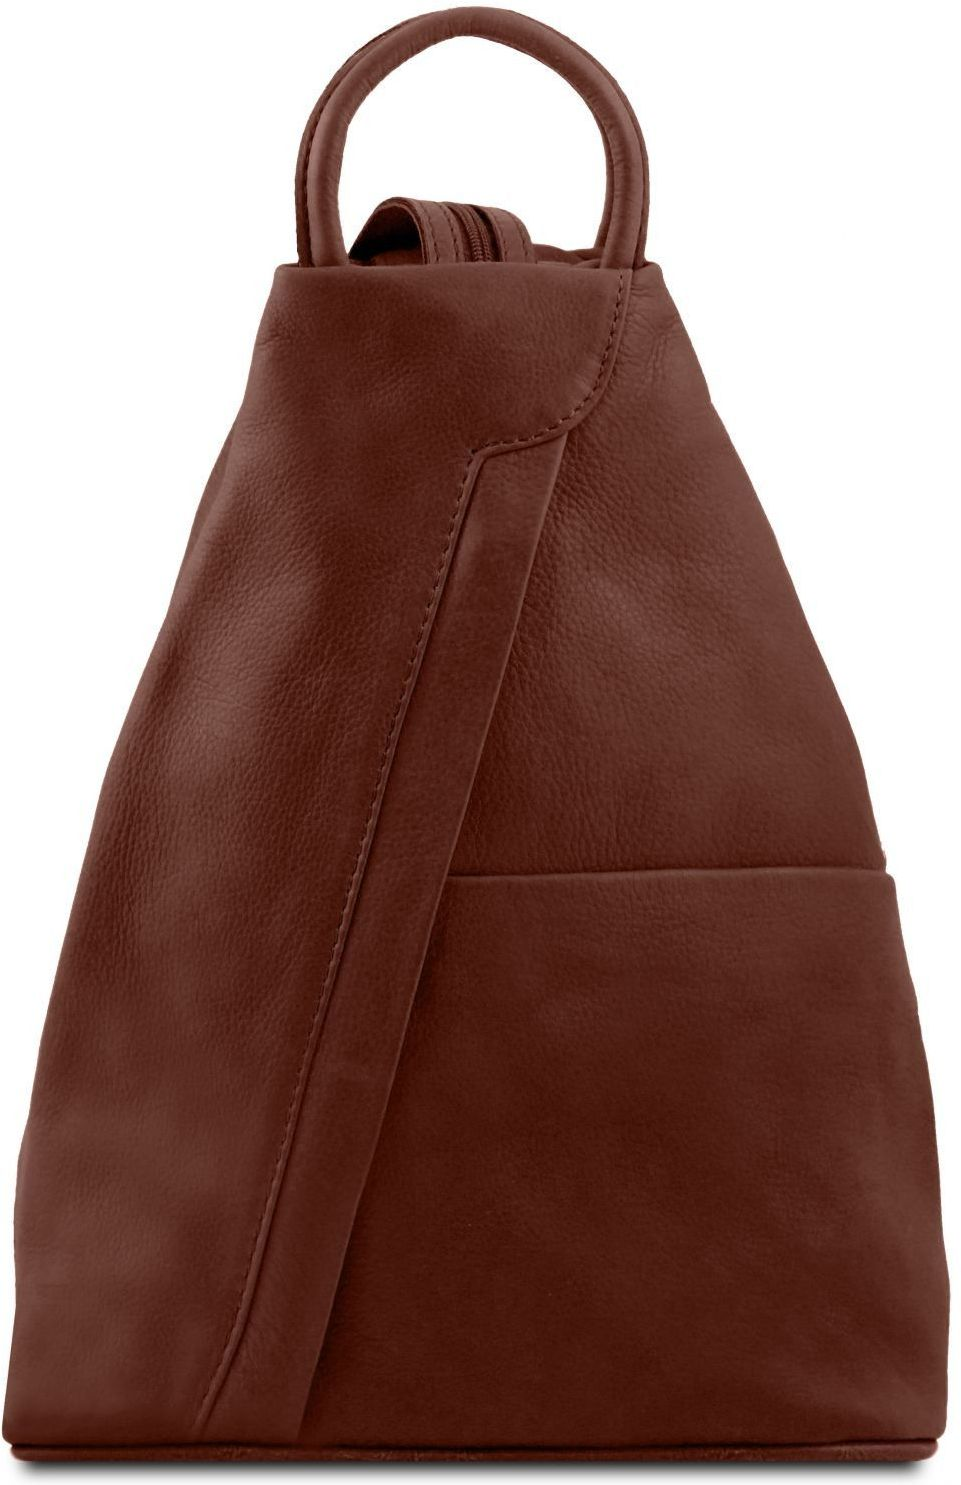 Γυναικείο Τσαντάκι Δερμάτινο Shanghai Καφέ Tuscany Leather